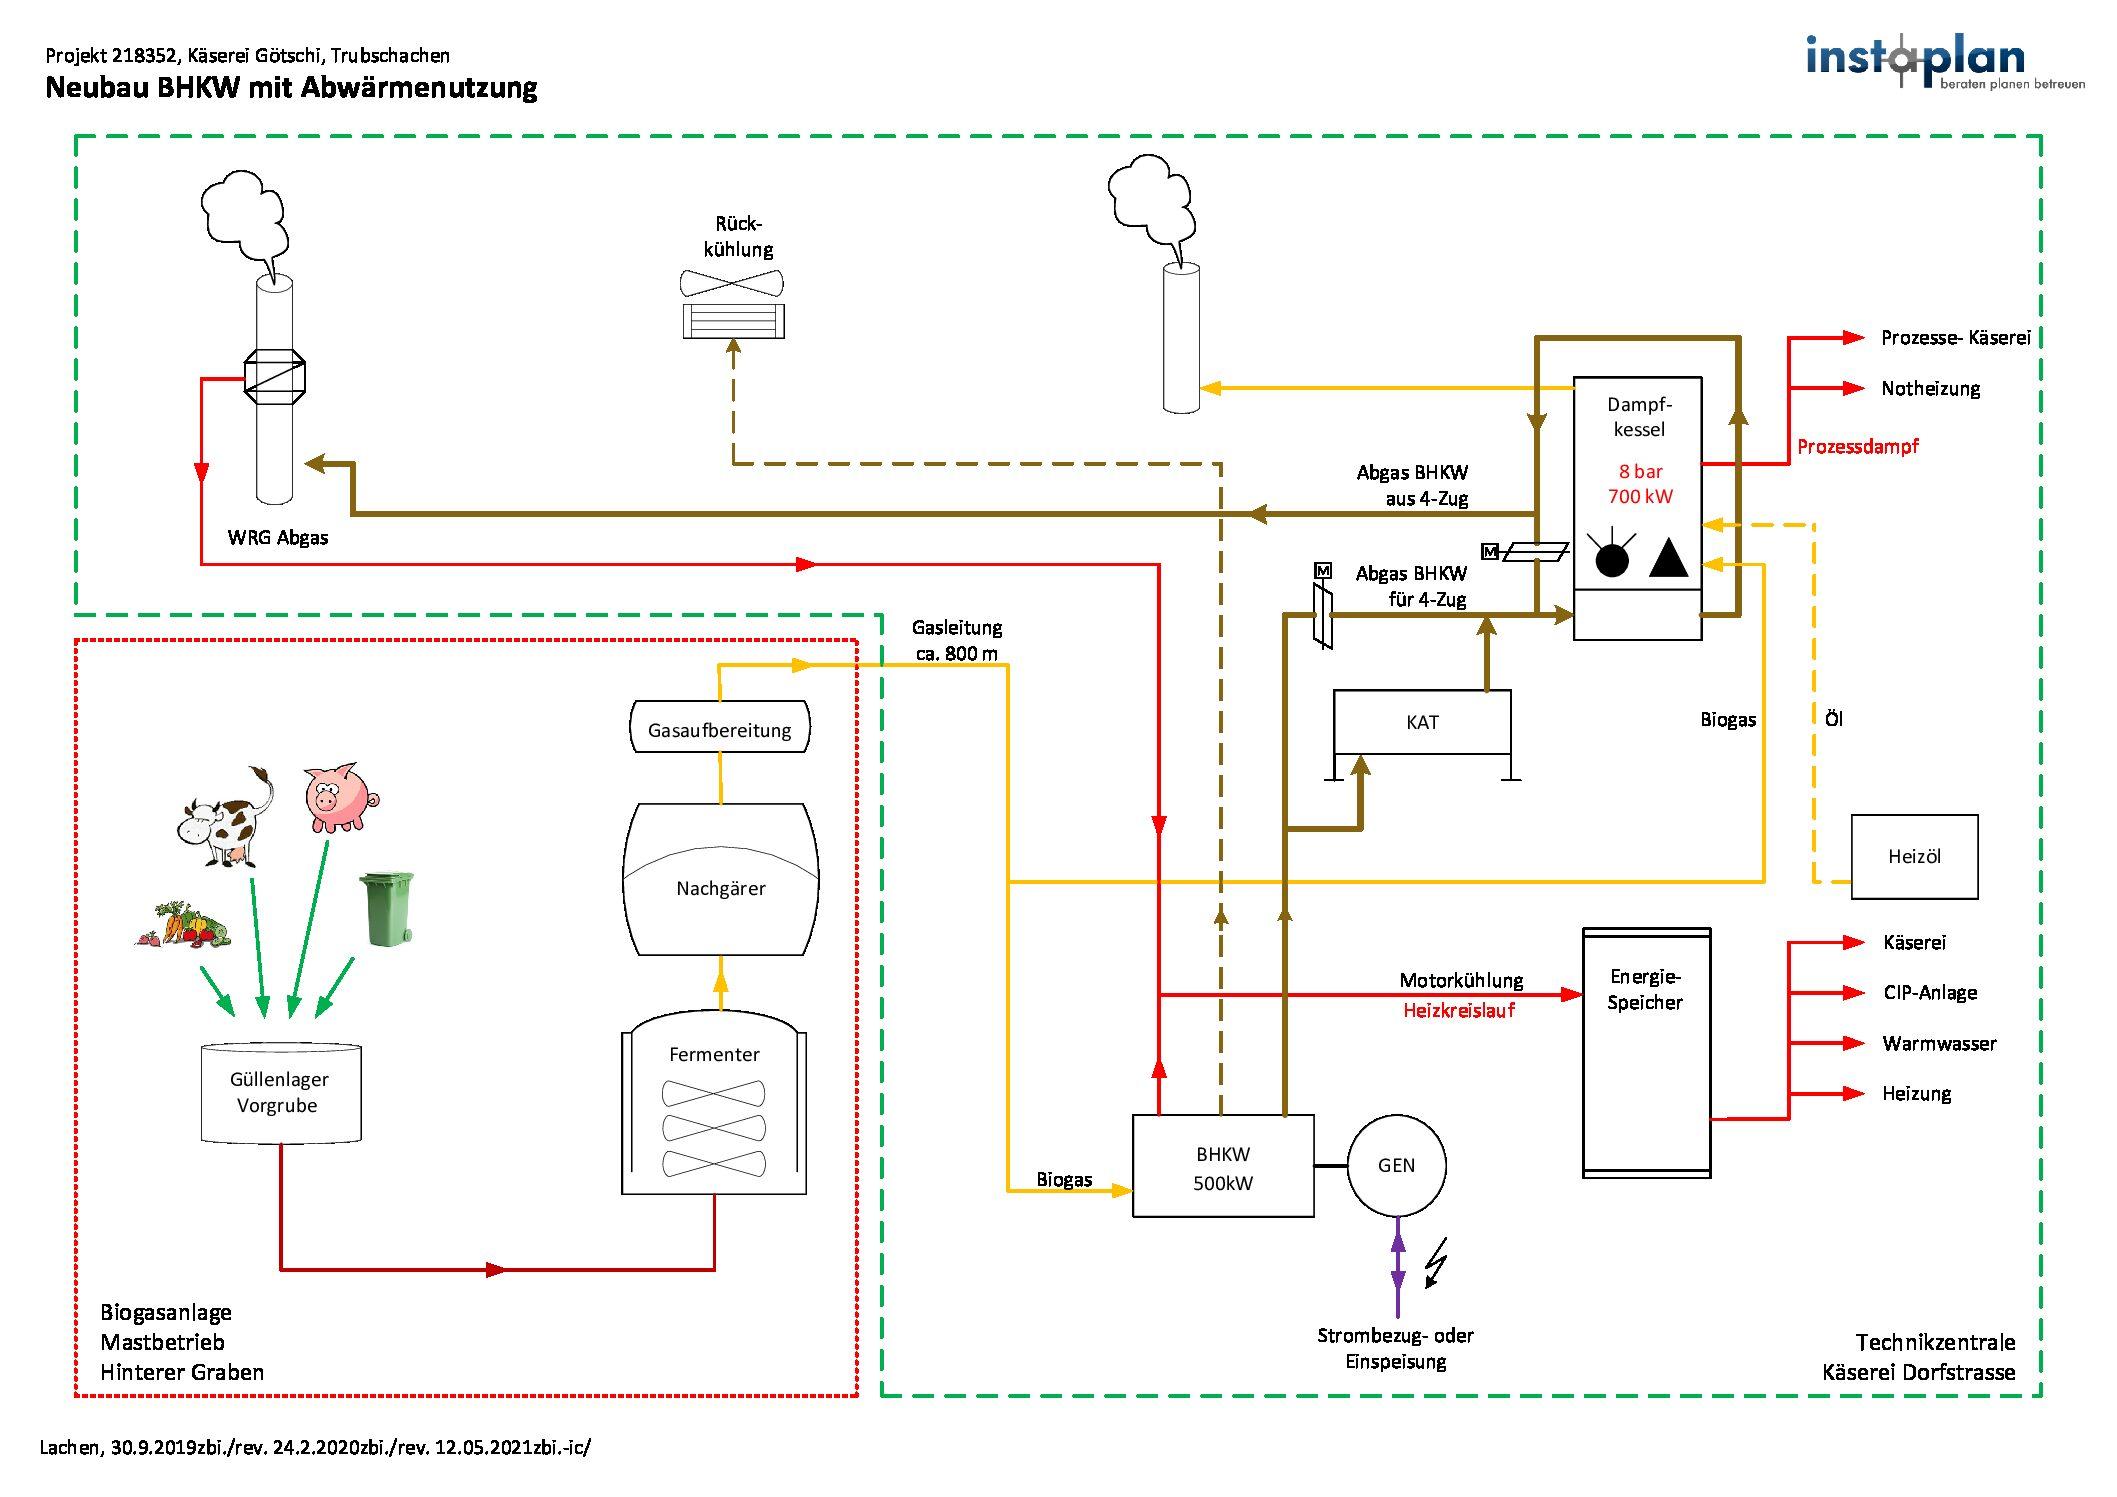 Ablaufschema Biogasanlage & BHKW der Käserei Götschi auf einen Blick.